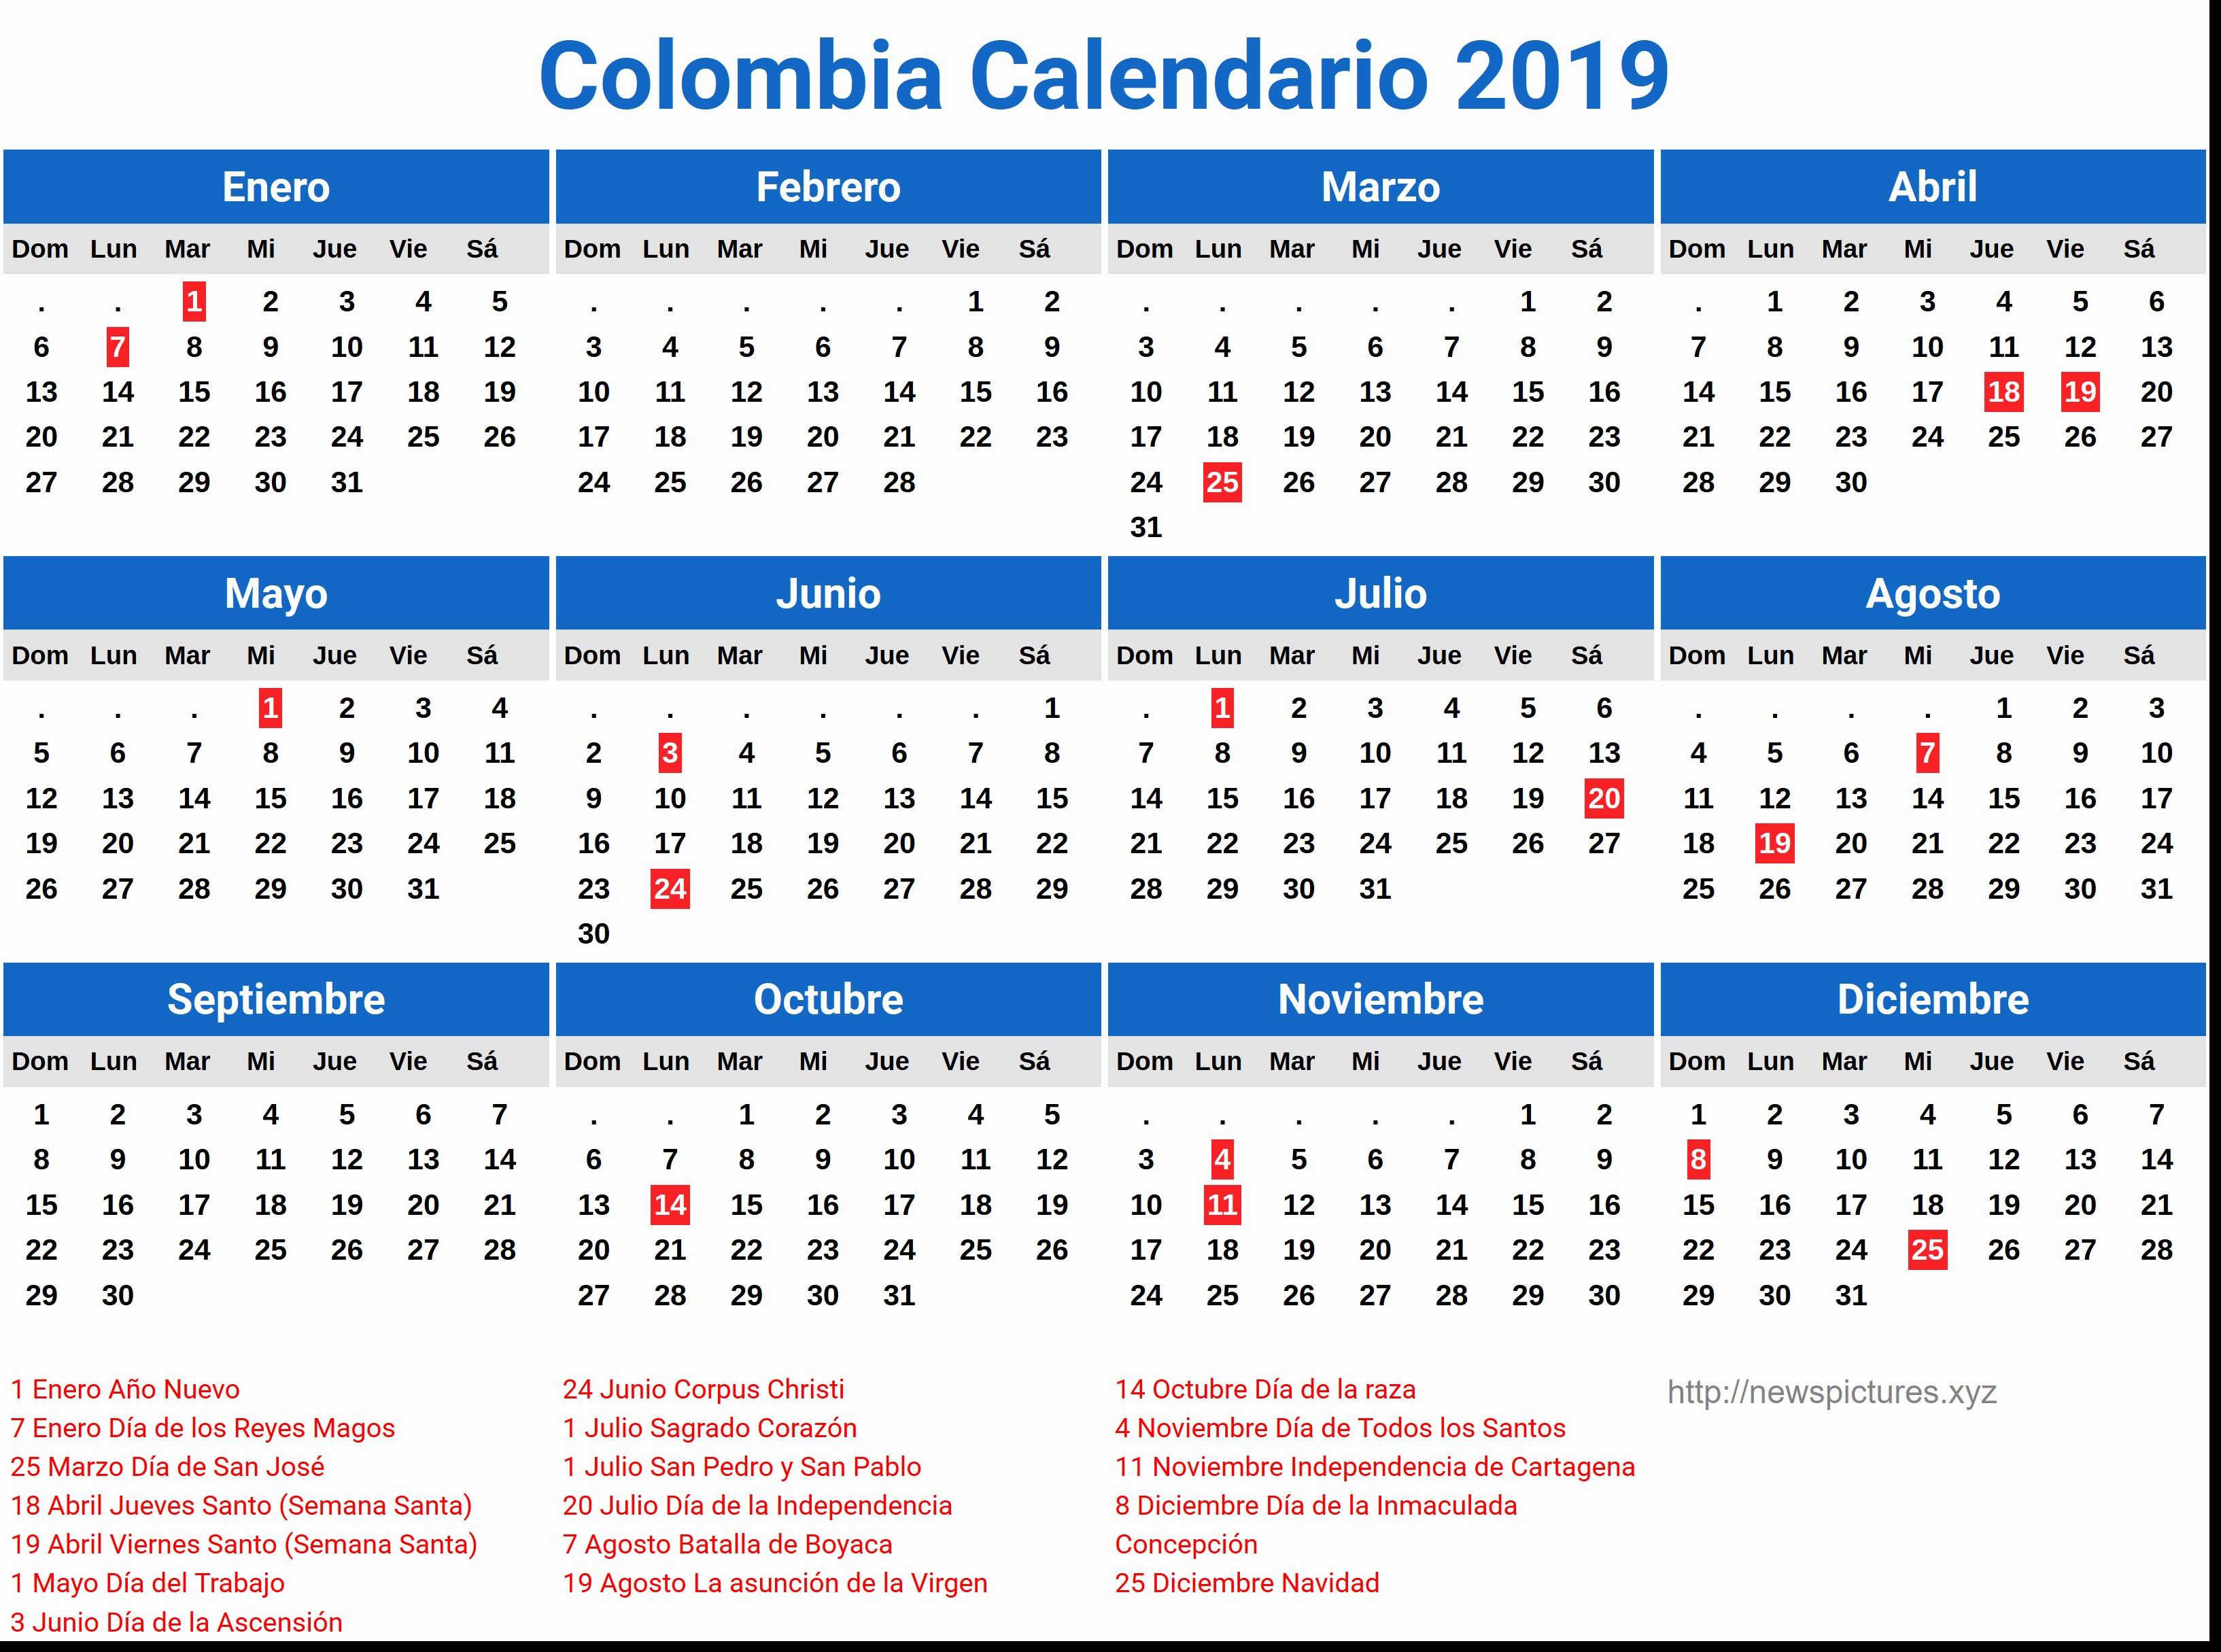 Calendario Meccanocar 2019 Calendario 2019 Colombia Dias Festivos Newspictures Xyz